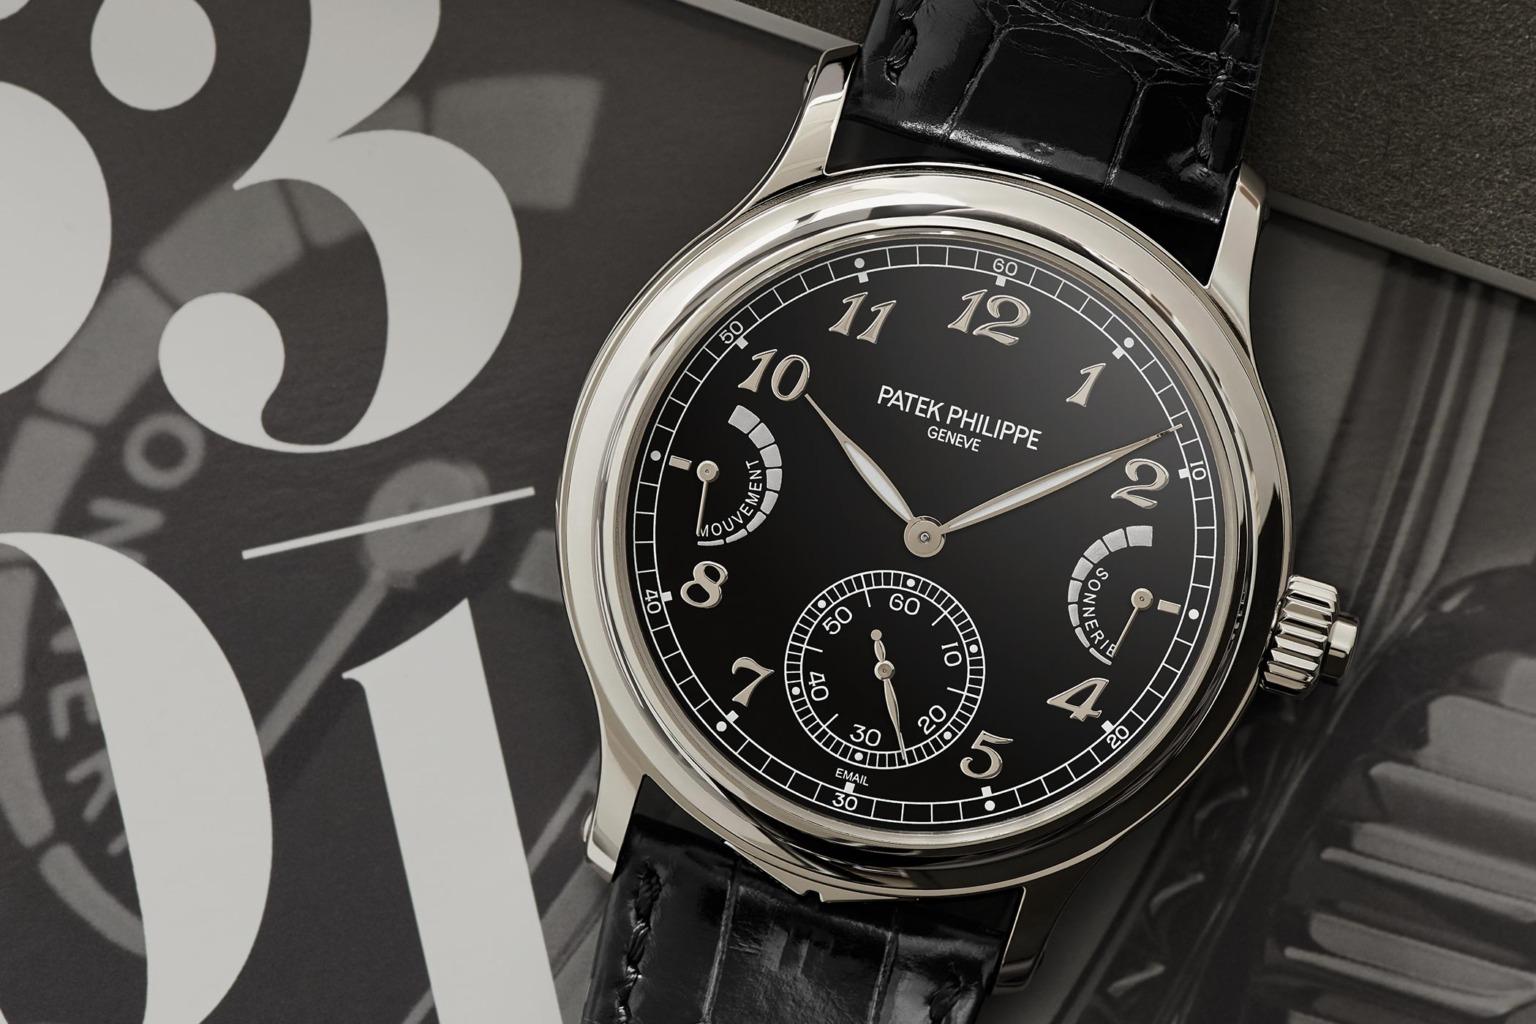 9 Mẫu đồng hồ phức tạp ấn tượng nhất ra mắt năm 2020